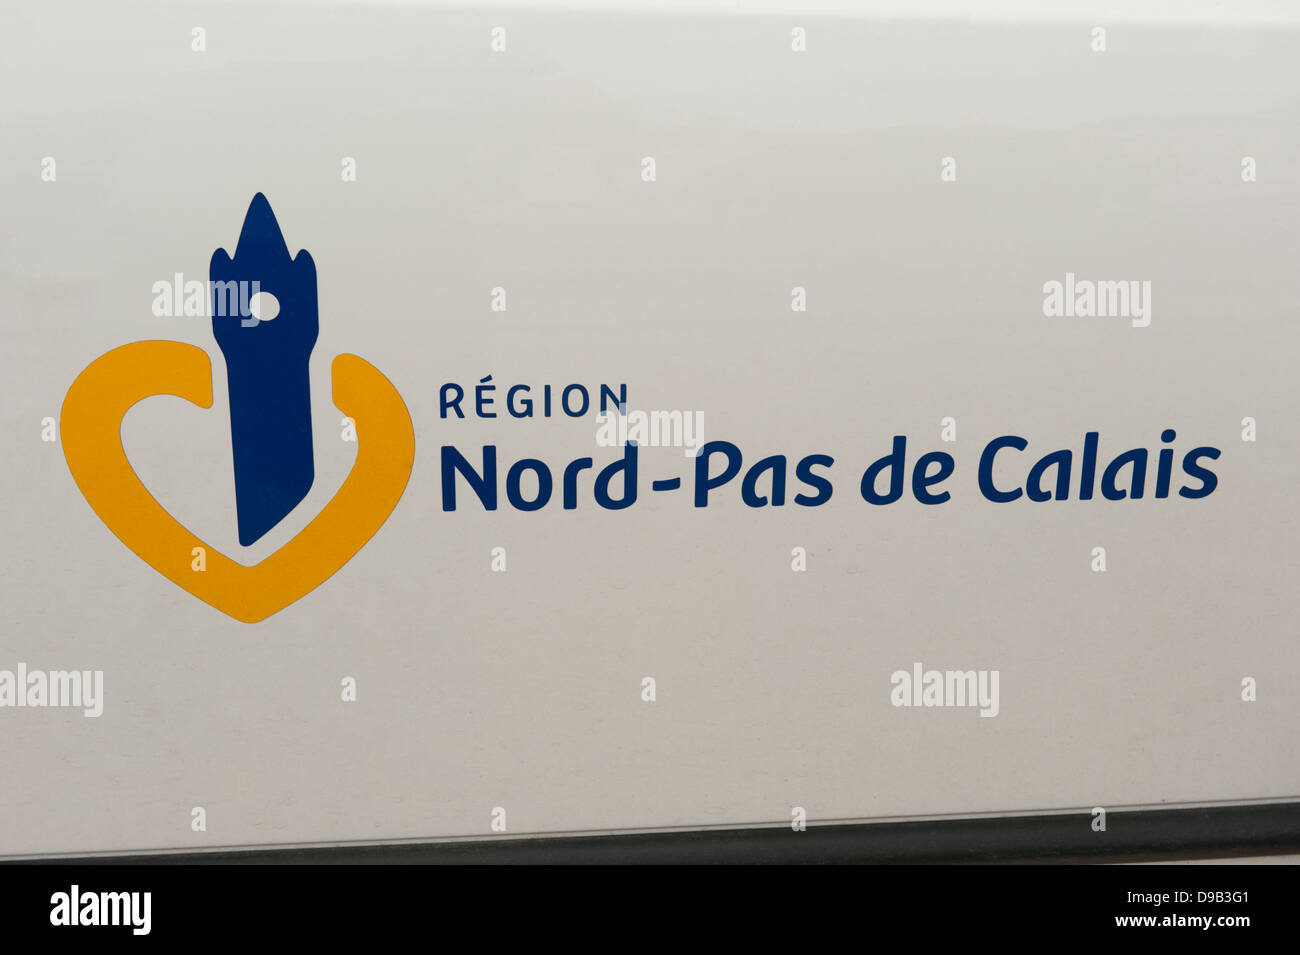 Nord-Pas De Calais Region Sign Boulogne-sur-Mer France Europe - Stock Image